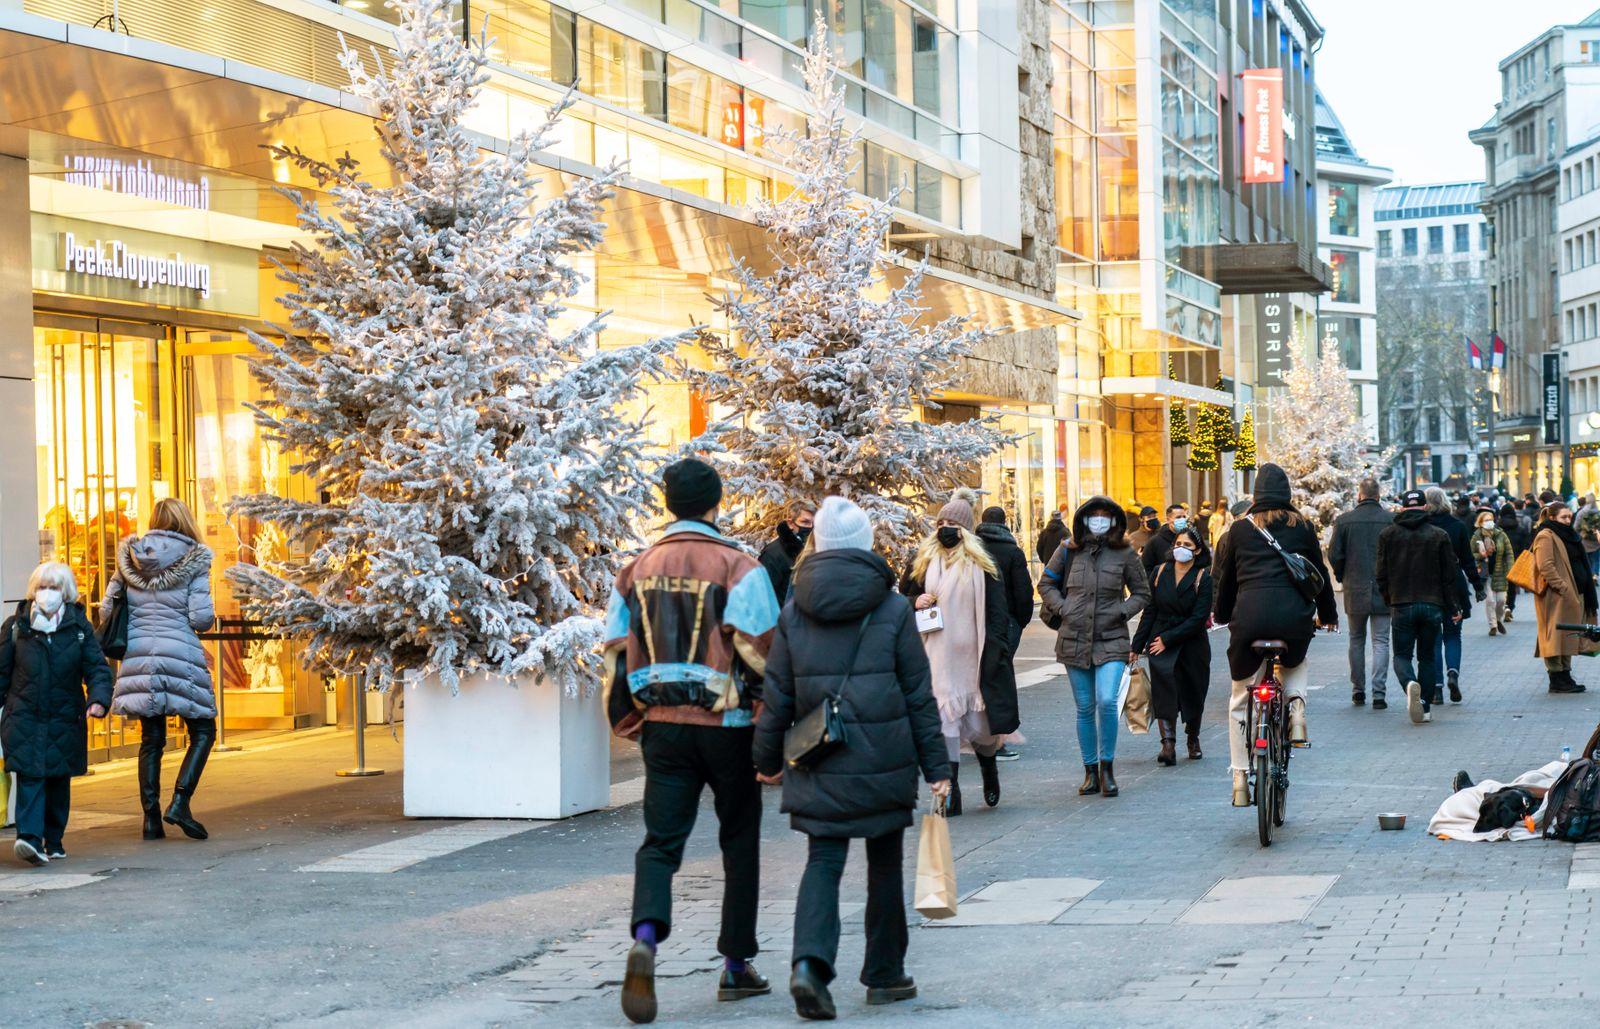 Einkaufsstrasse Schadowstrasse, Weihnachtsdekoration, geschlossene Gastronomie Betriebe, w?hrend des zweiten Lockdowns i